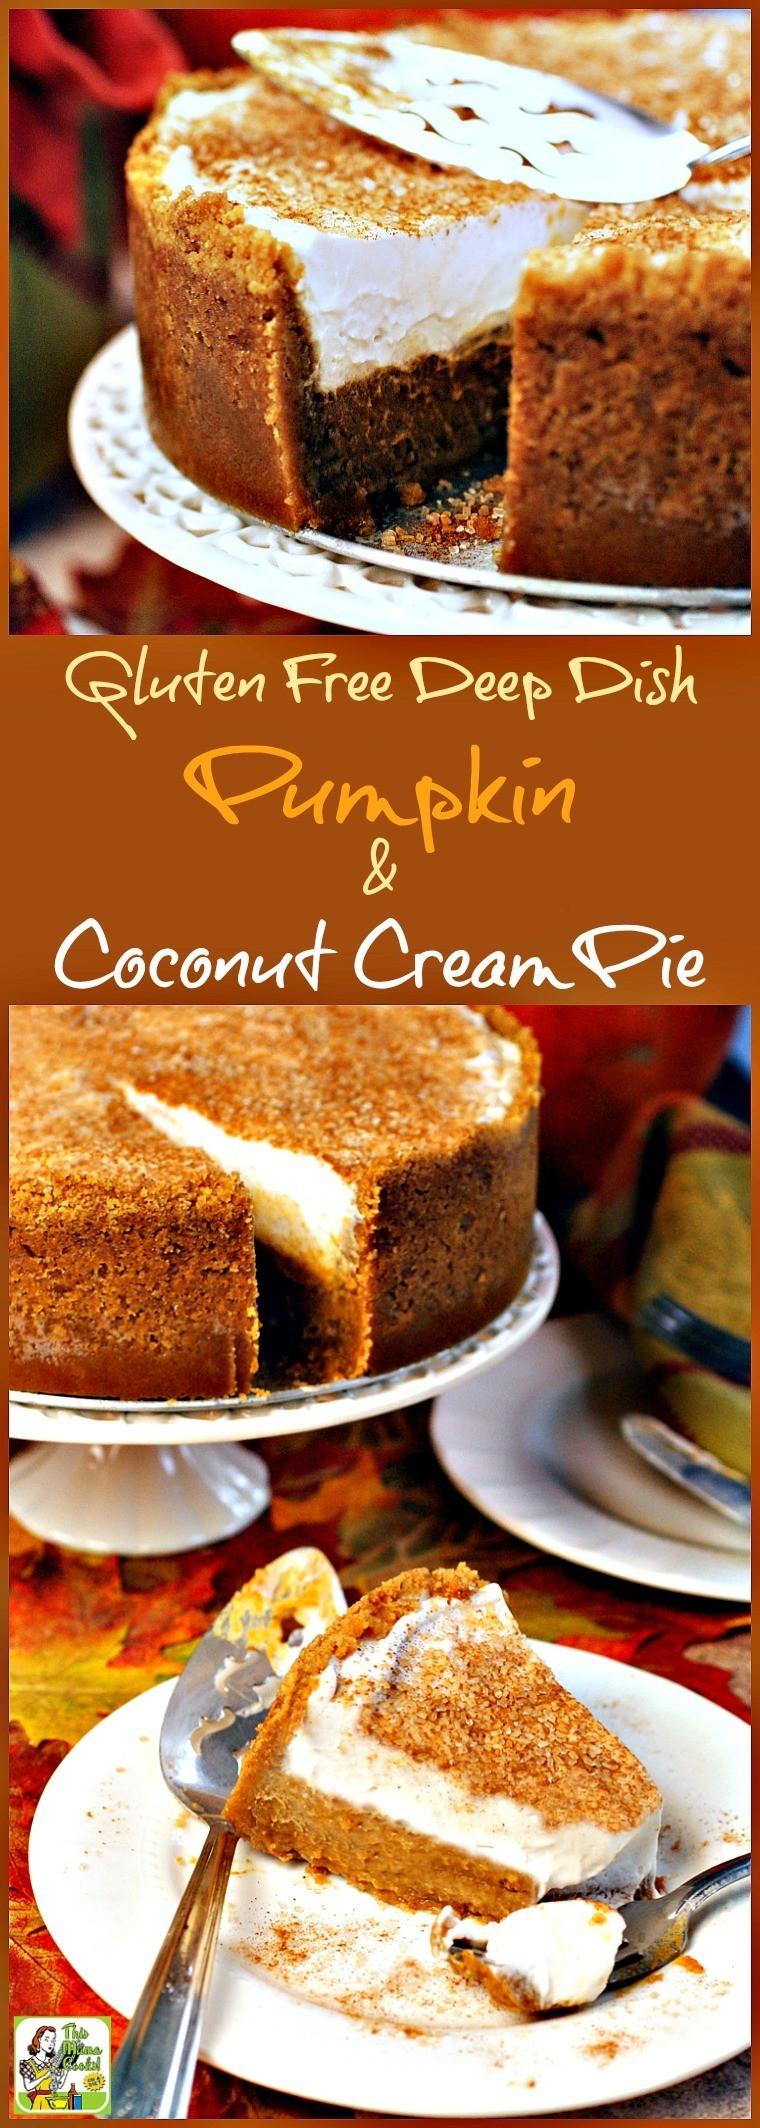 Dairy Free Coconut Cream Pie  Gluten Free Deep Dish Pumpkin & Coconut Cream Pie